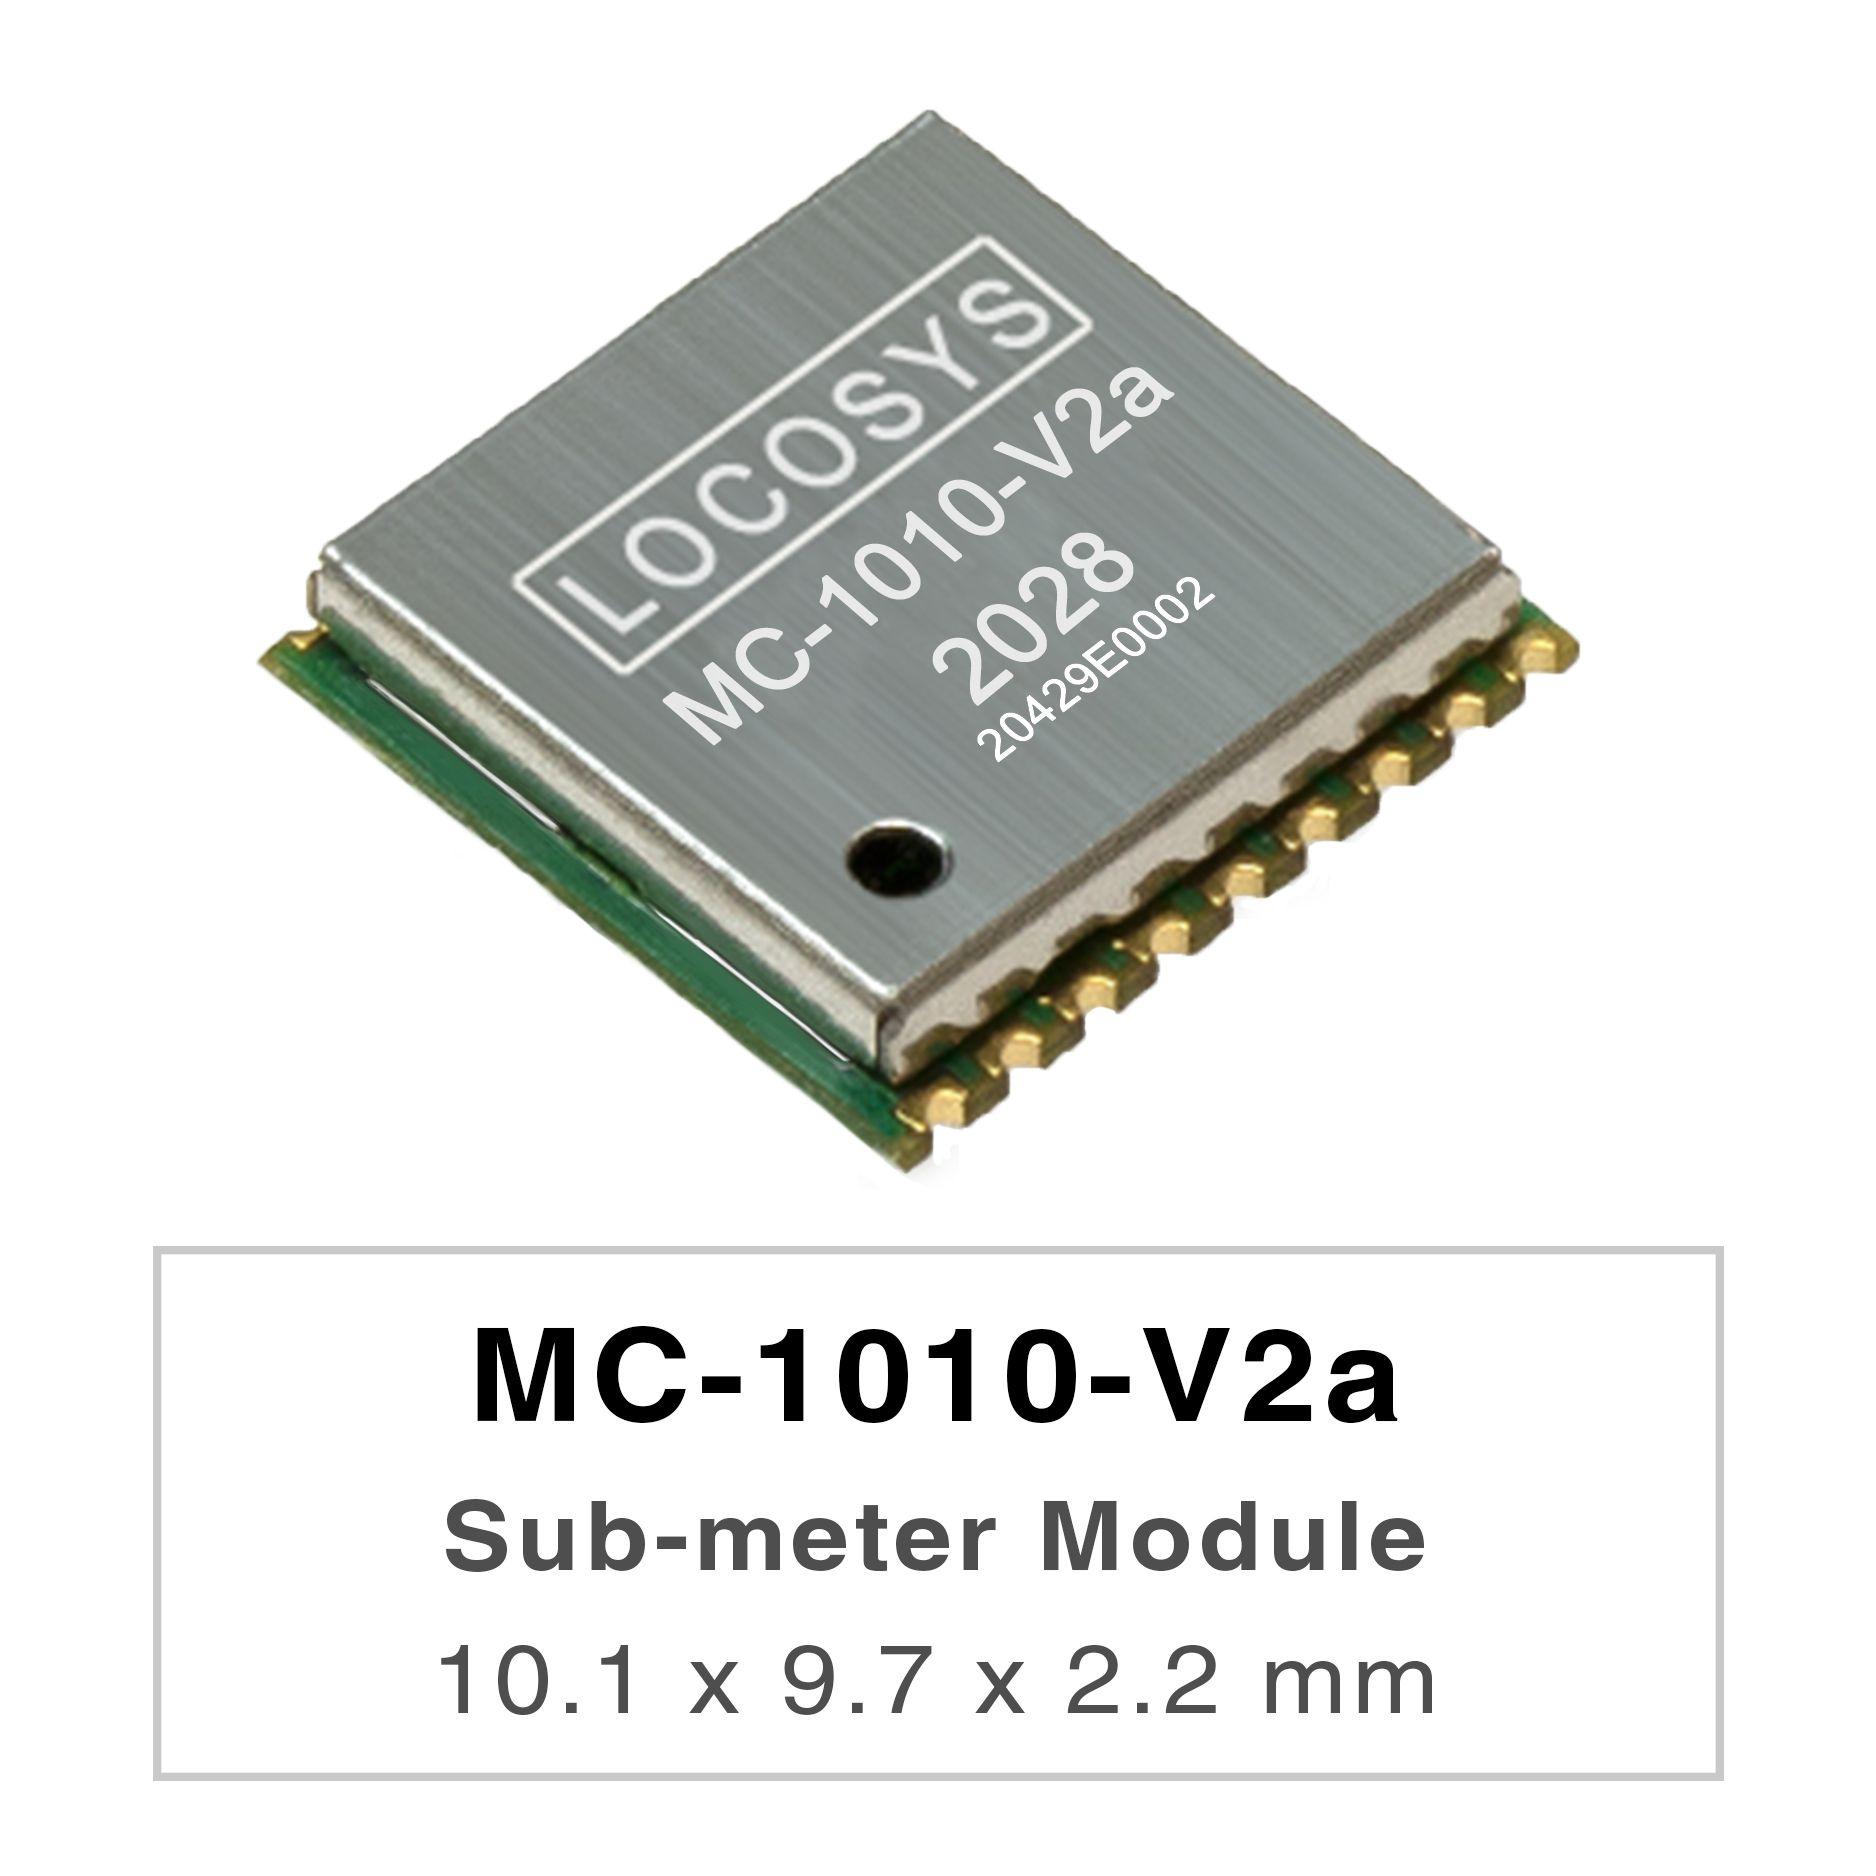 LOCOSYS MC-1010-Vxxシリーズは<br />、すべてのグローバルな民間ナビゲーションシステムを追跡できる高性能デュアルバンドGNSS測位モジュール です。12 nmプロセスを採用し、効率的な<br />電力管理アーキテクチャを統合 して、低電力と高感度を実現します。